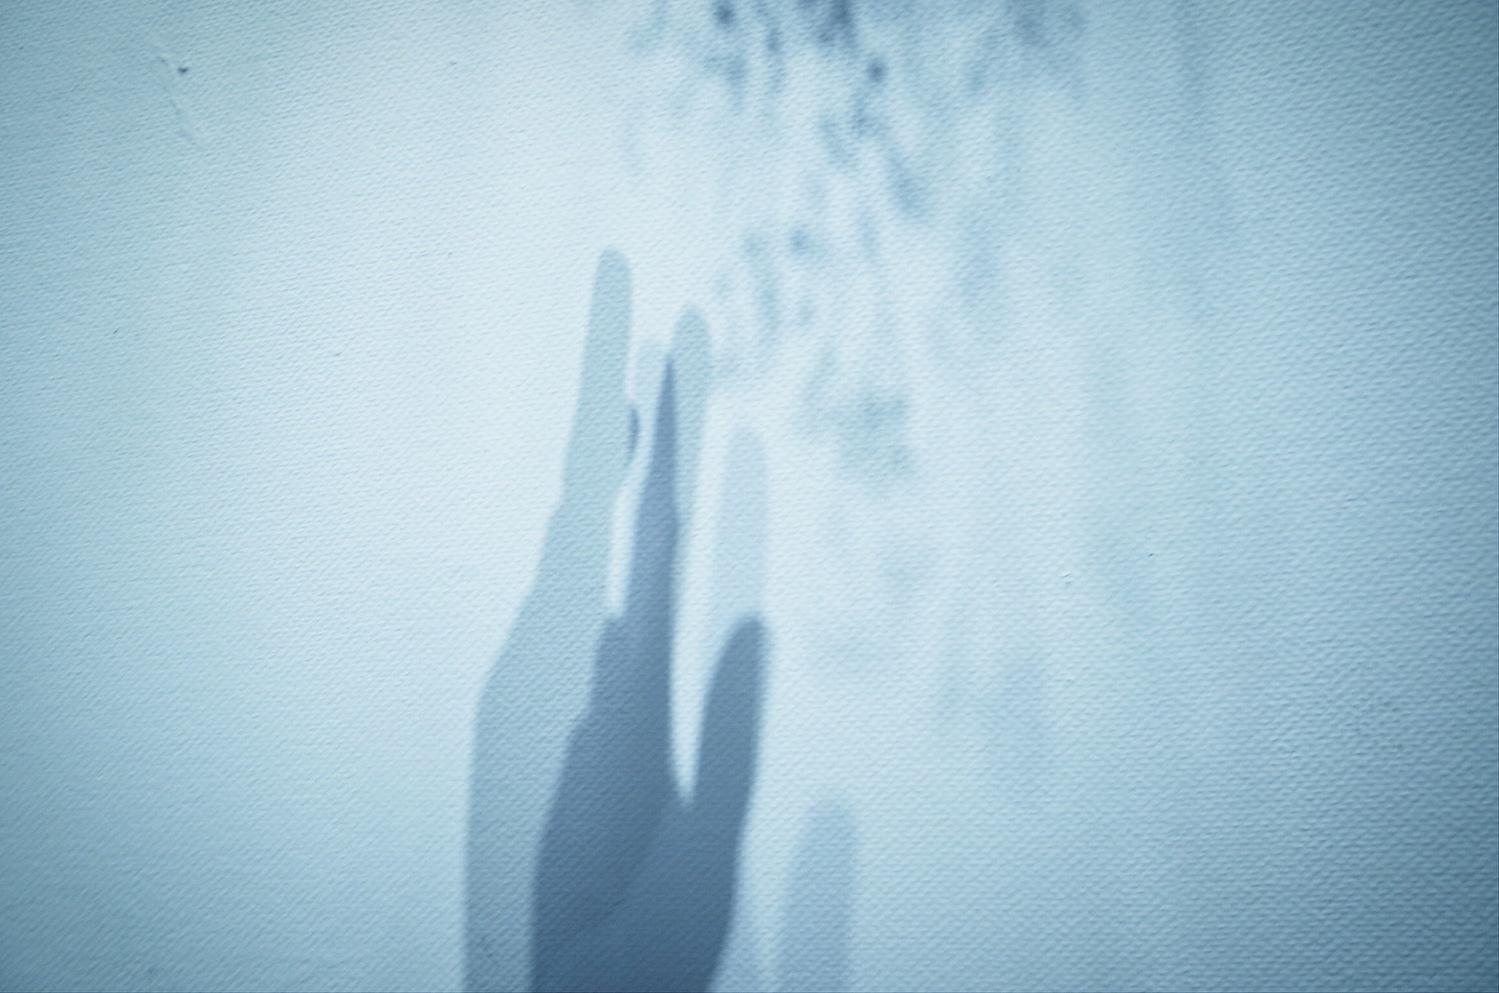 01:見えない位置に手を隠す